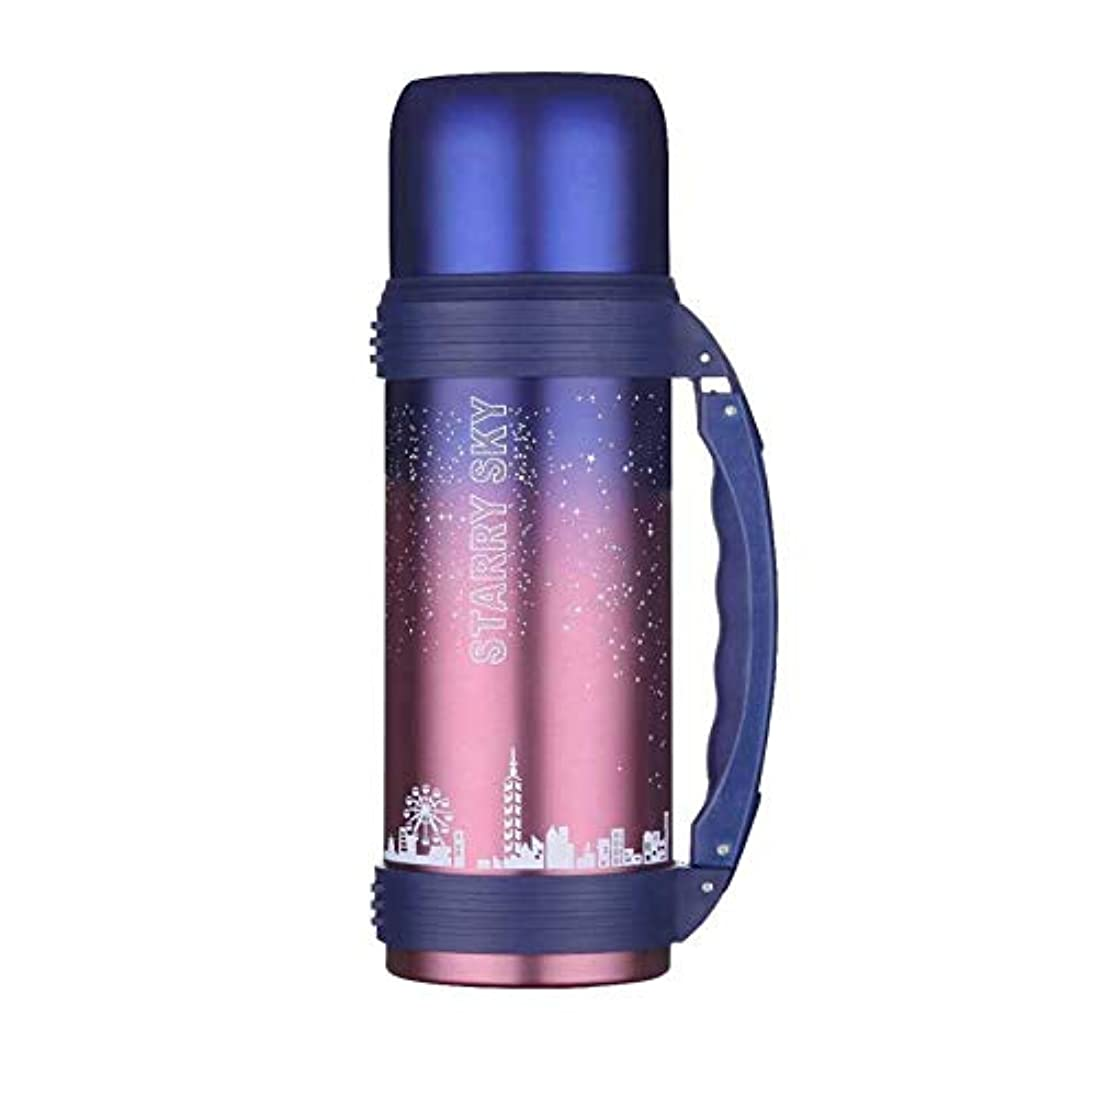 砂の横向き関連付けるLIRIDP 保温ポット 真空水差し304ステンレス鋼二重壁真空断熱コーヒーポットコーヒープランジャー、コーヒー、紅茶、フルーツジュース、牛乳、お湯1.2Lに最適 (色 : 赤)